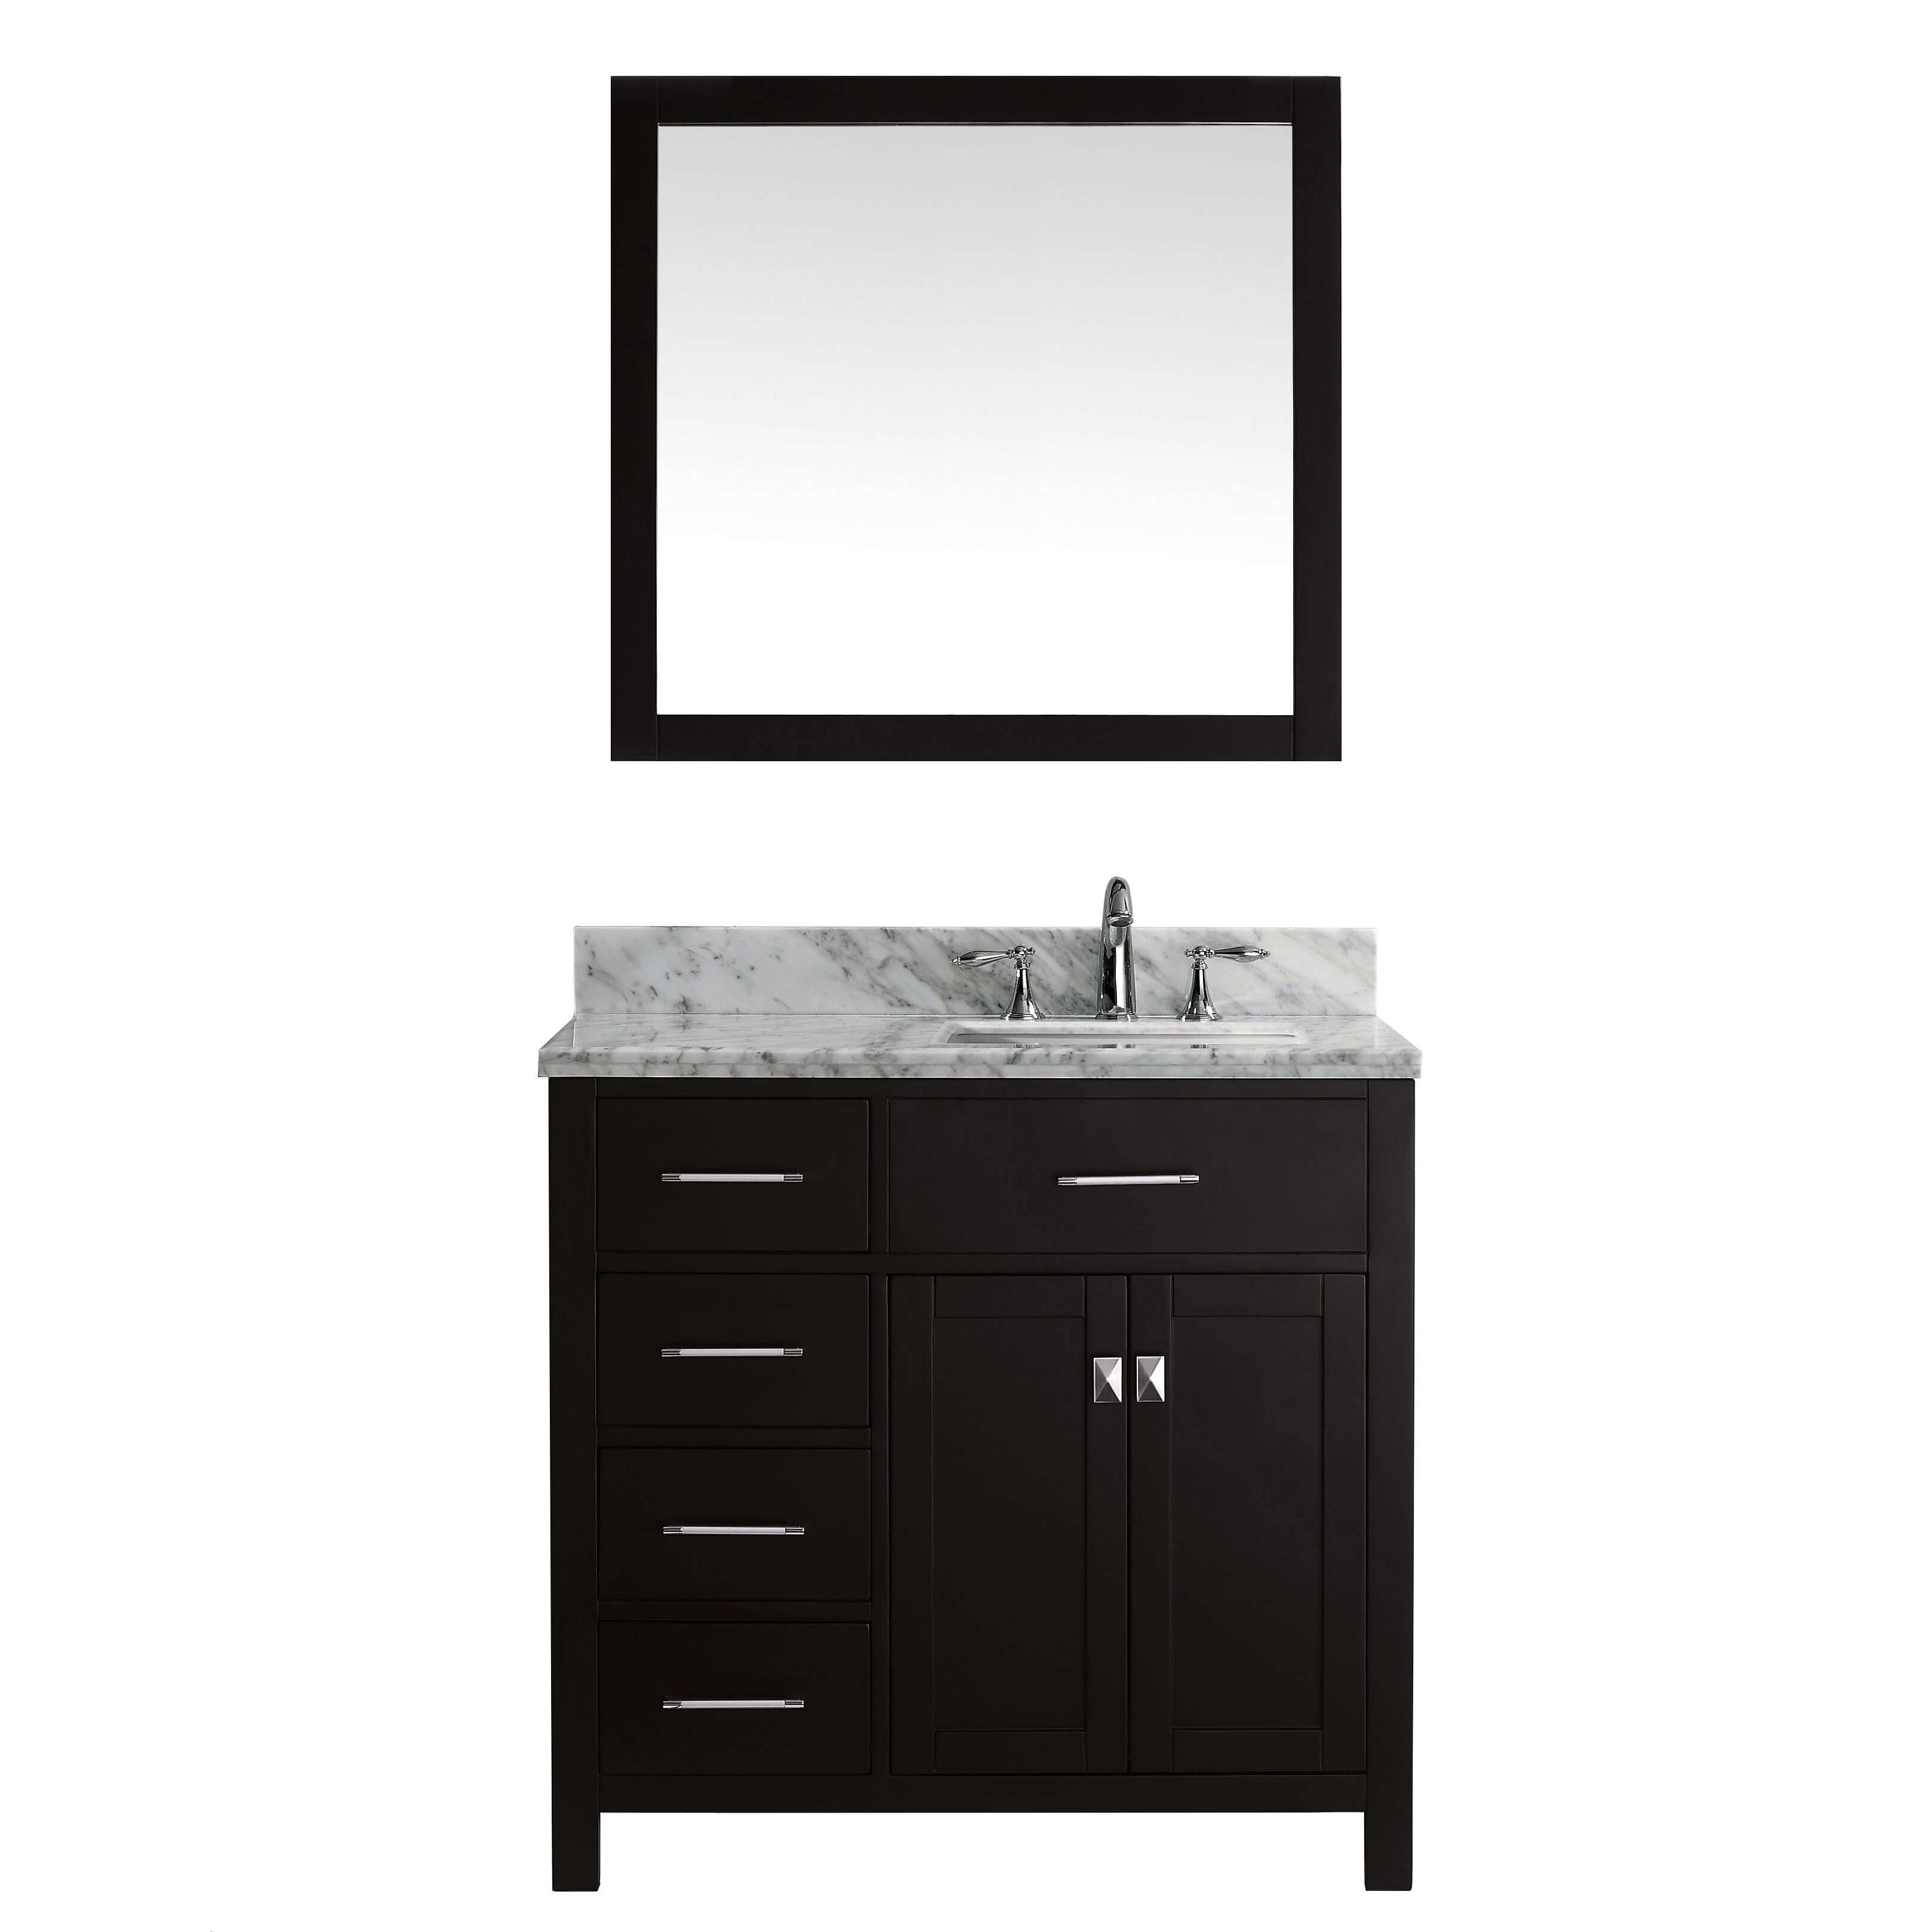 Virtu caroline parkway 35 single bathroom vanity set with for Vanity and mirror set